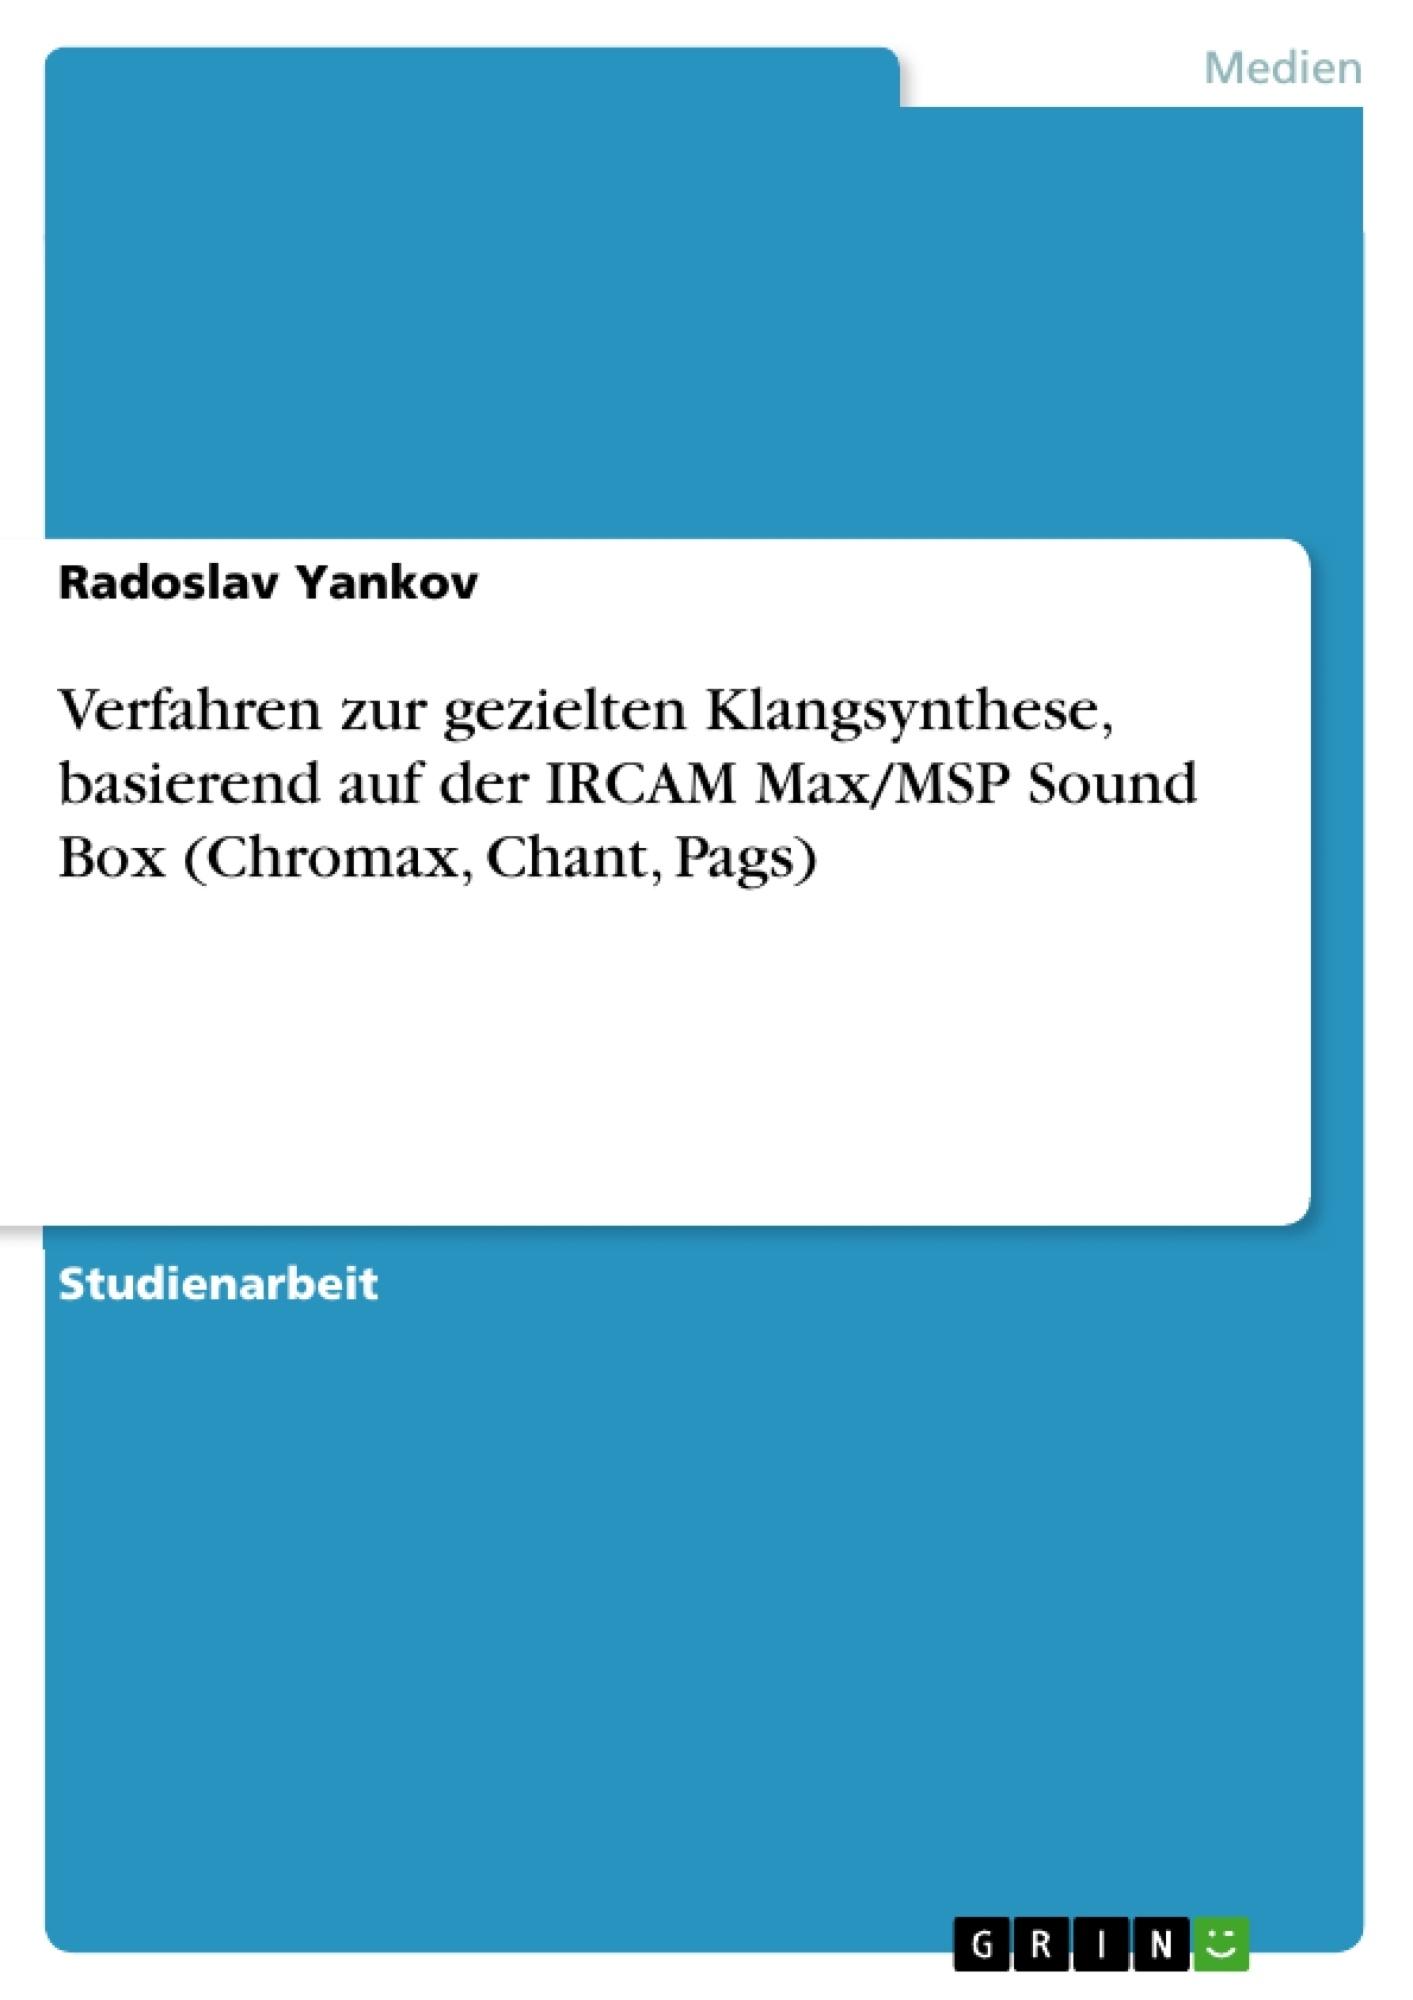 Titel: Verfahren zur gezielten Klangsynthese, basierend auf der IRCAM Max/MSP Sound Box (Chromax, Chant, Pags)